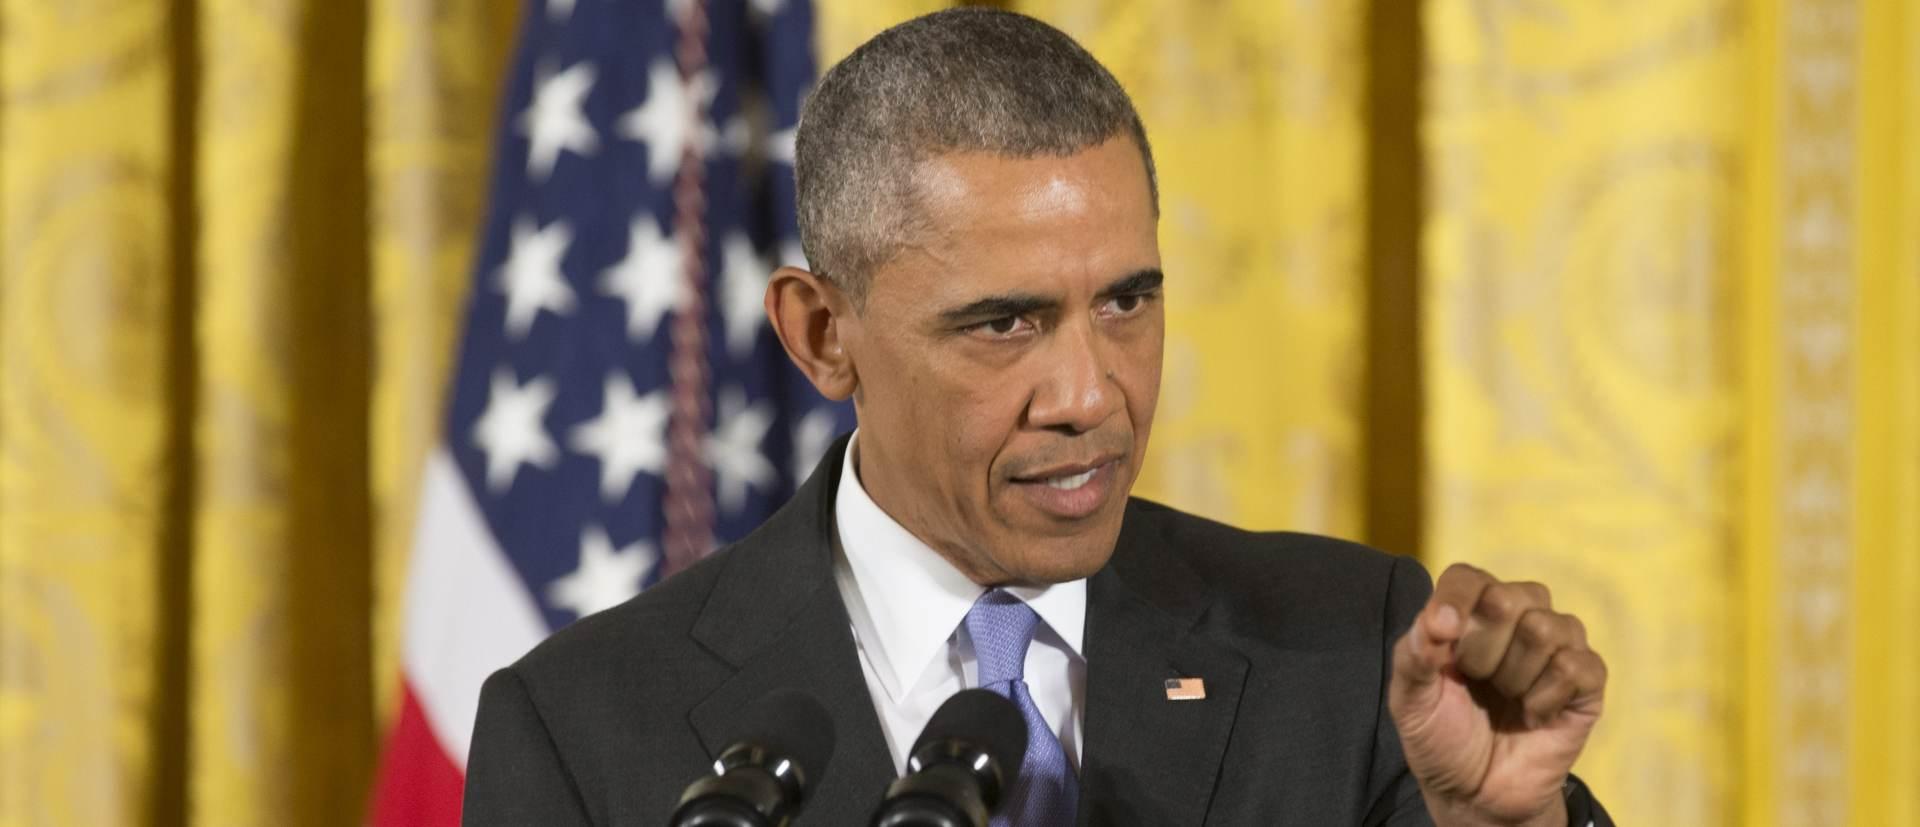 PRED ŽIDOVSKOM ZAJEDNICOM: Obama upozorio na opasnosti blokiranja nuklearnog sporazuma